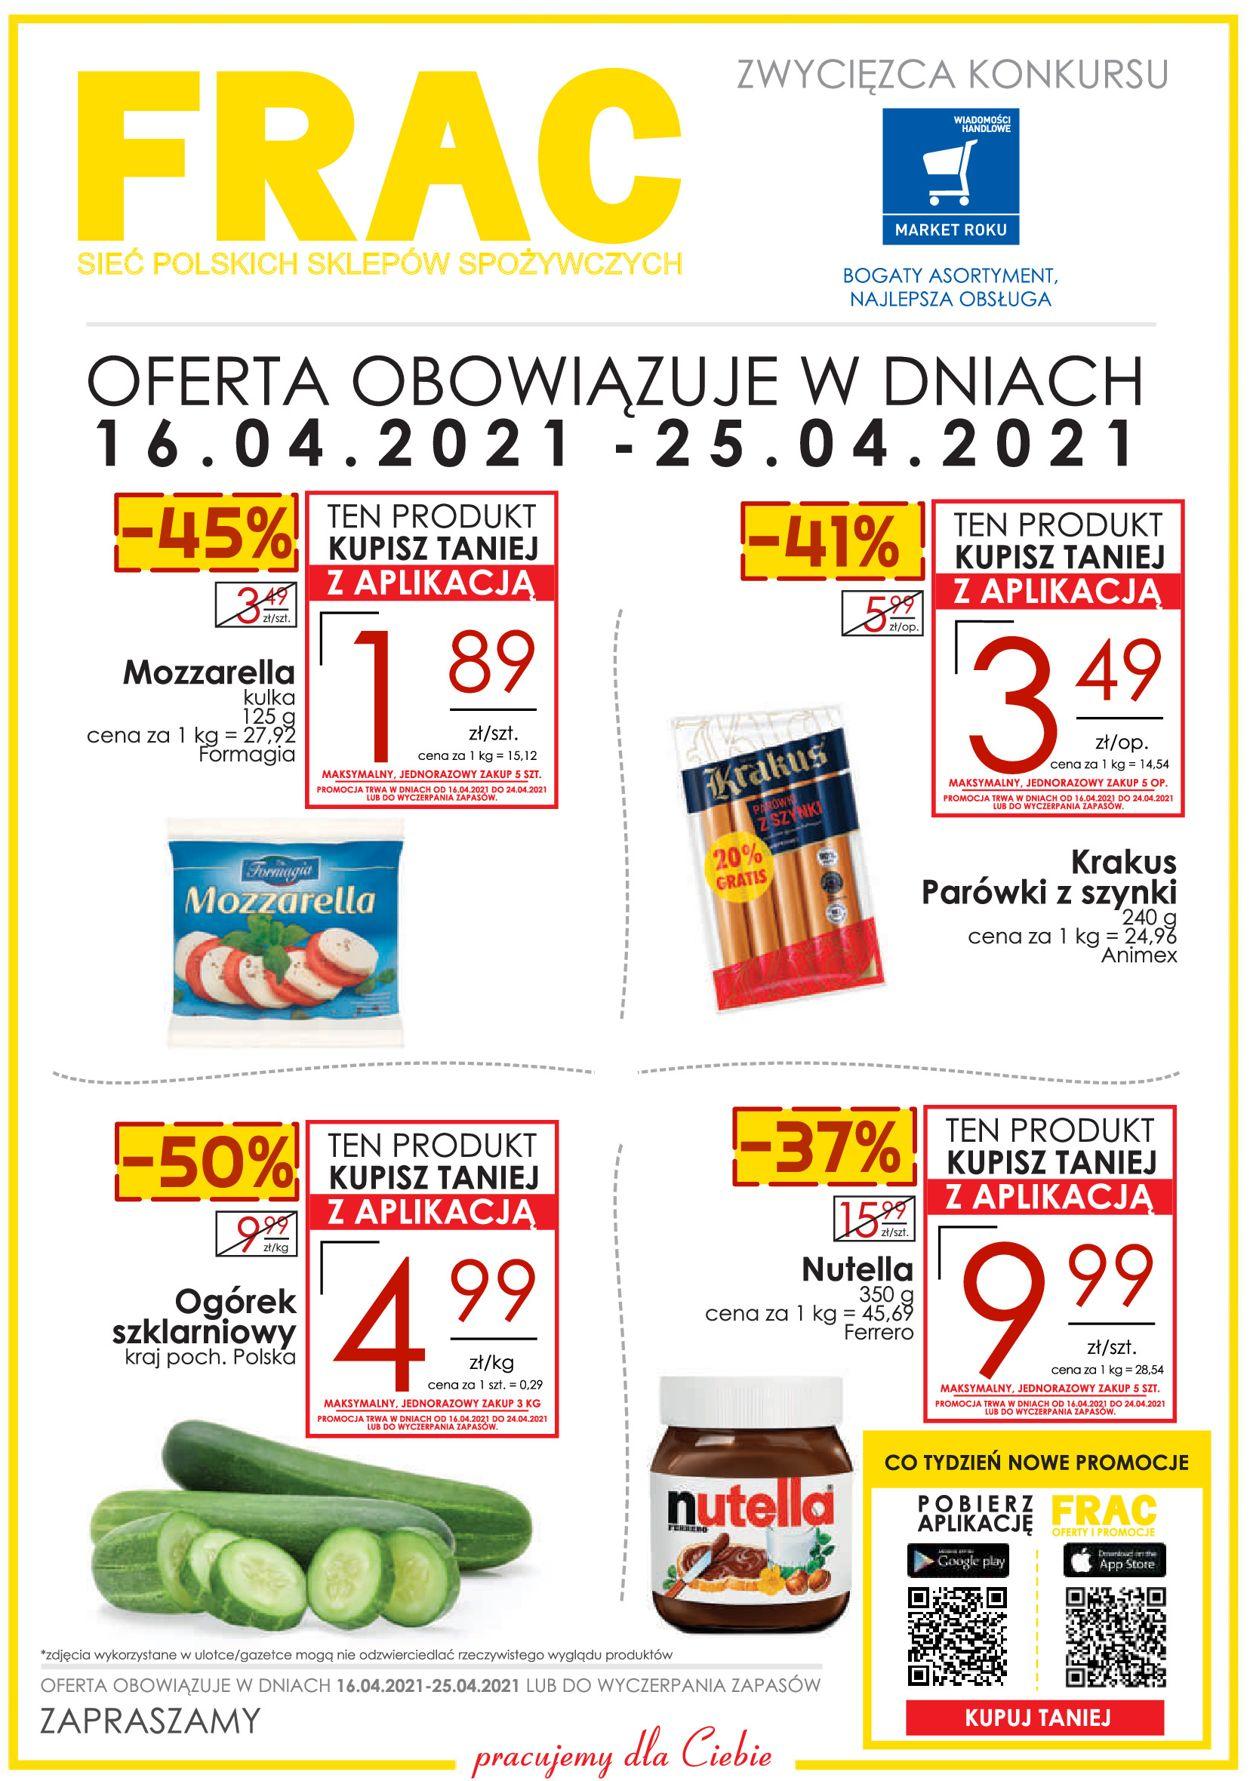 Gazetka promocyjna Frac - RZESZÓW | SANOK | STALOWA WOLA | TARNOBRZEG | WARSZAWA - 16.04-25.04.2021